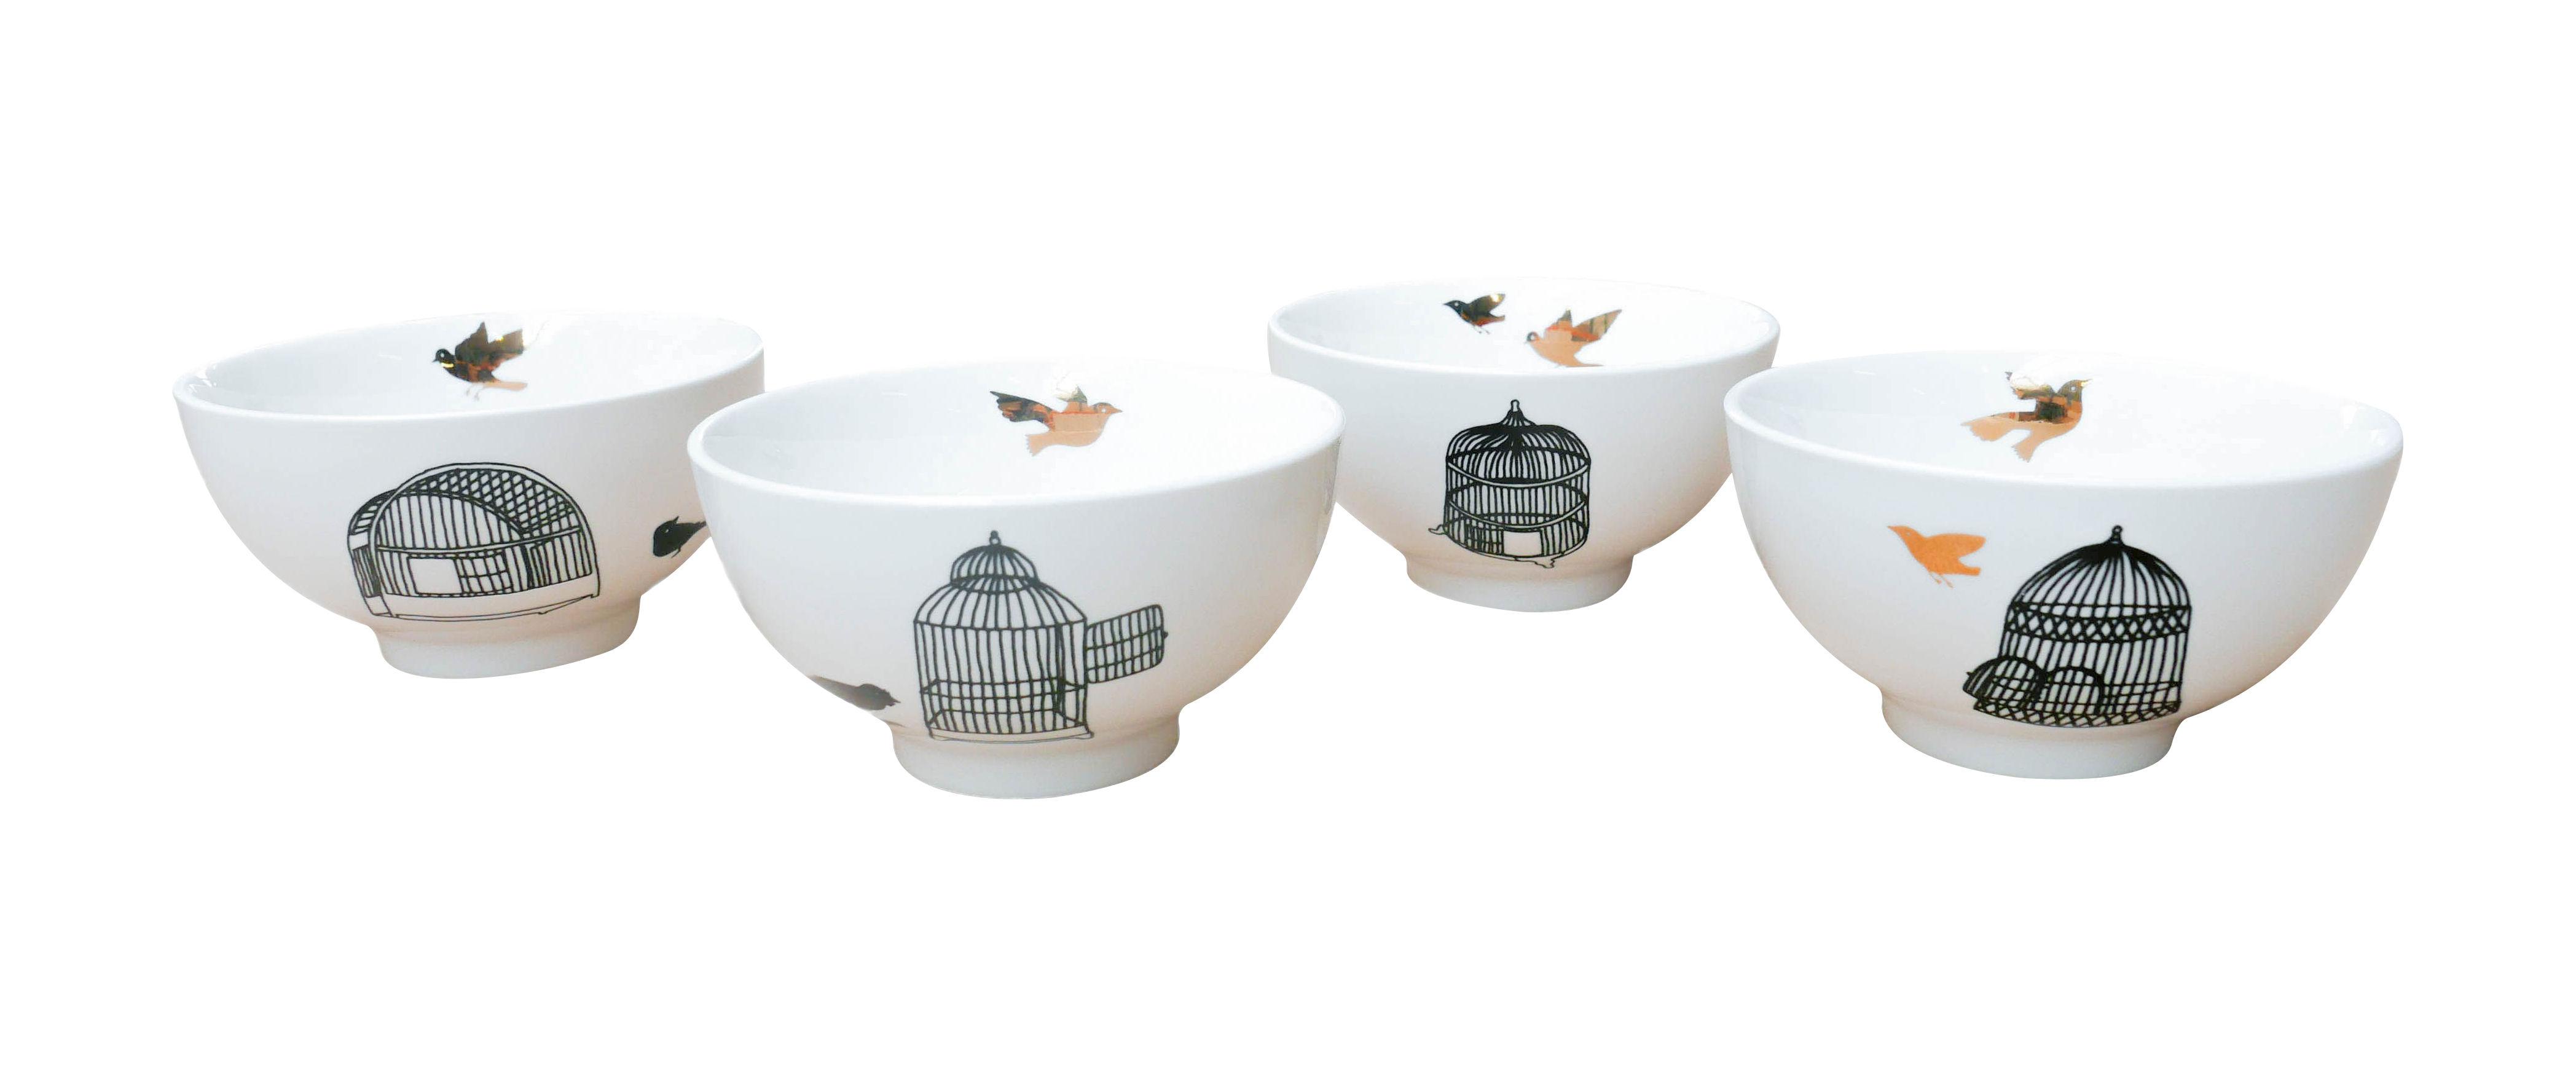 Arts de la table - Saladiers, coupes et bols - Bol Freedom Birds / Set de 4 - Pols Potten - Motifs noirs & or - Porcelaine vernie